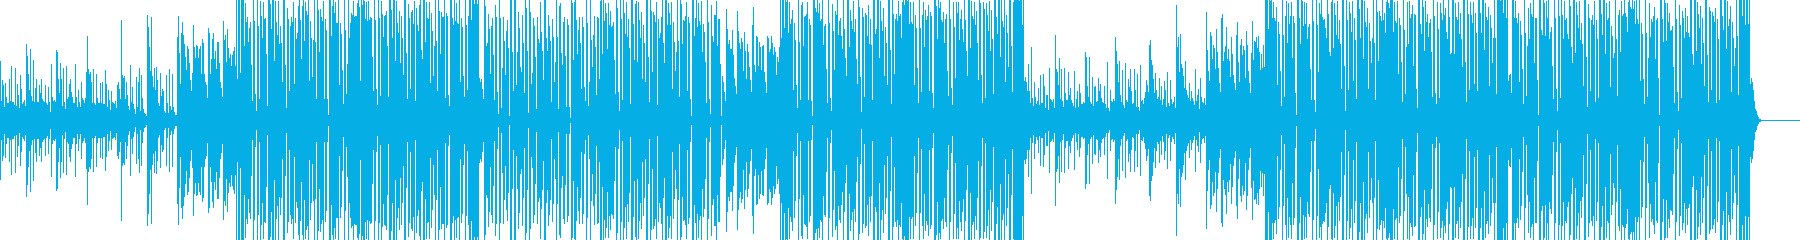 ダンス・クラブ系・洋楽系・K-pop系の再生済みの波形